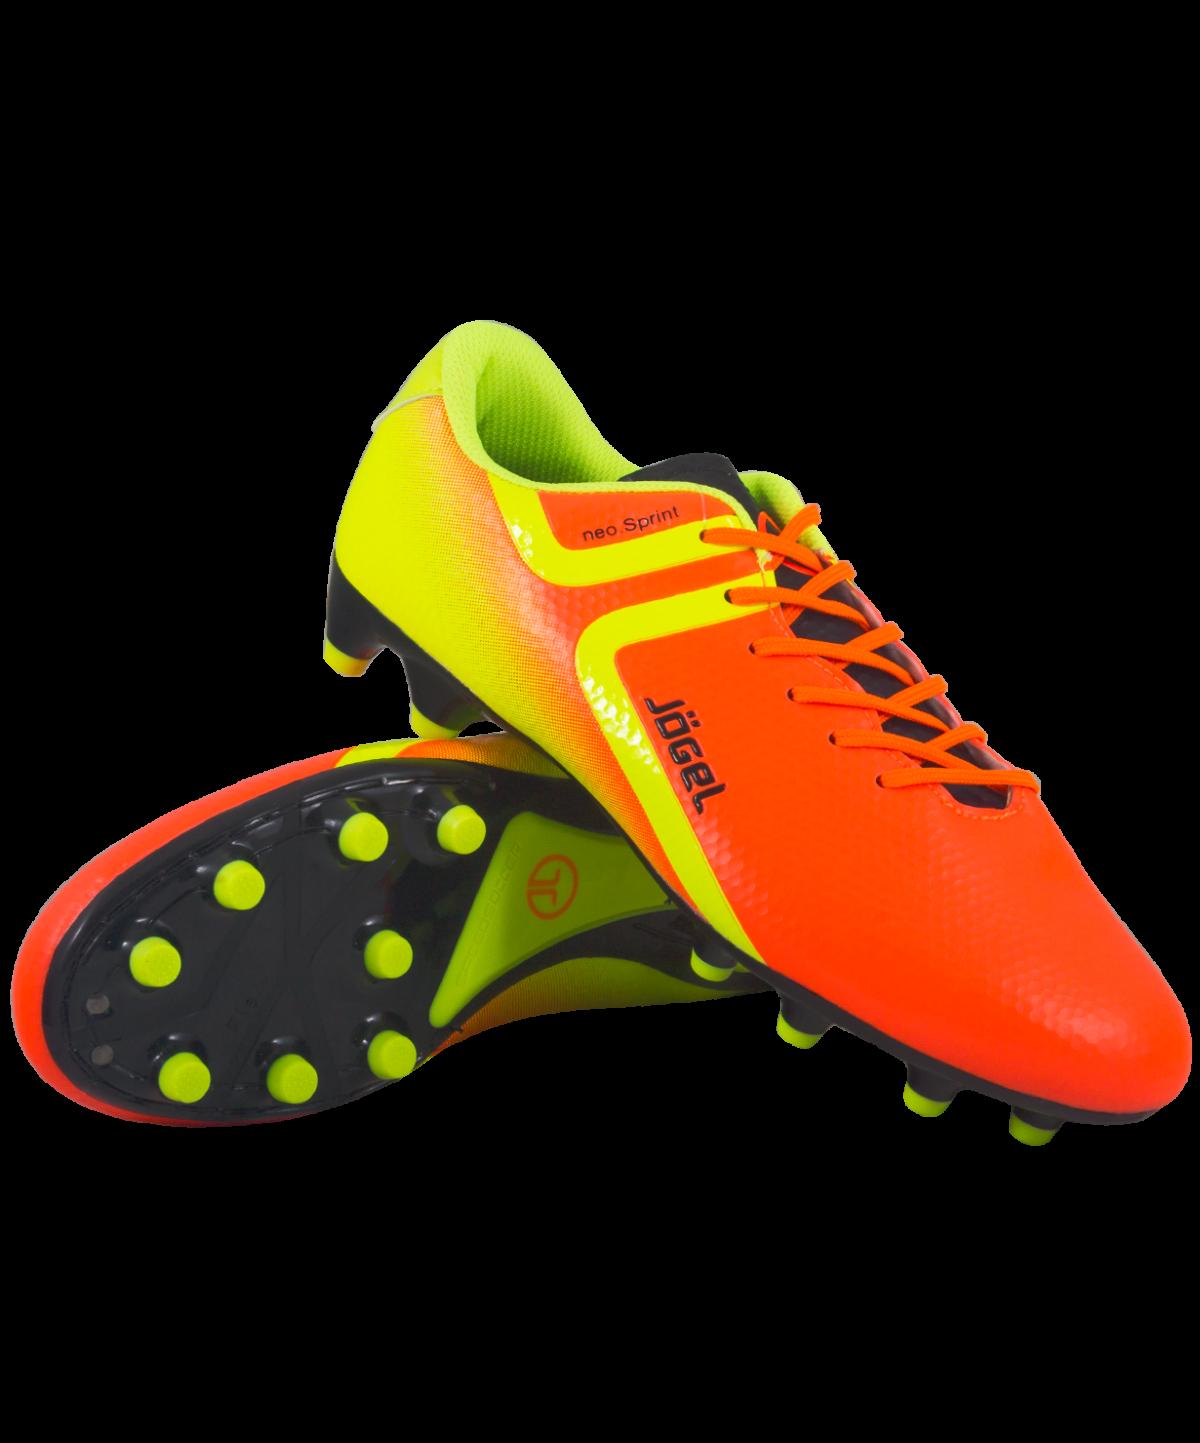 JOGEL Бутсы футбольные Rapido  JSH1001: оранжевый - 1